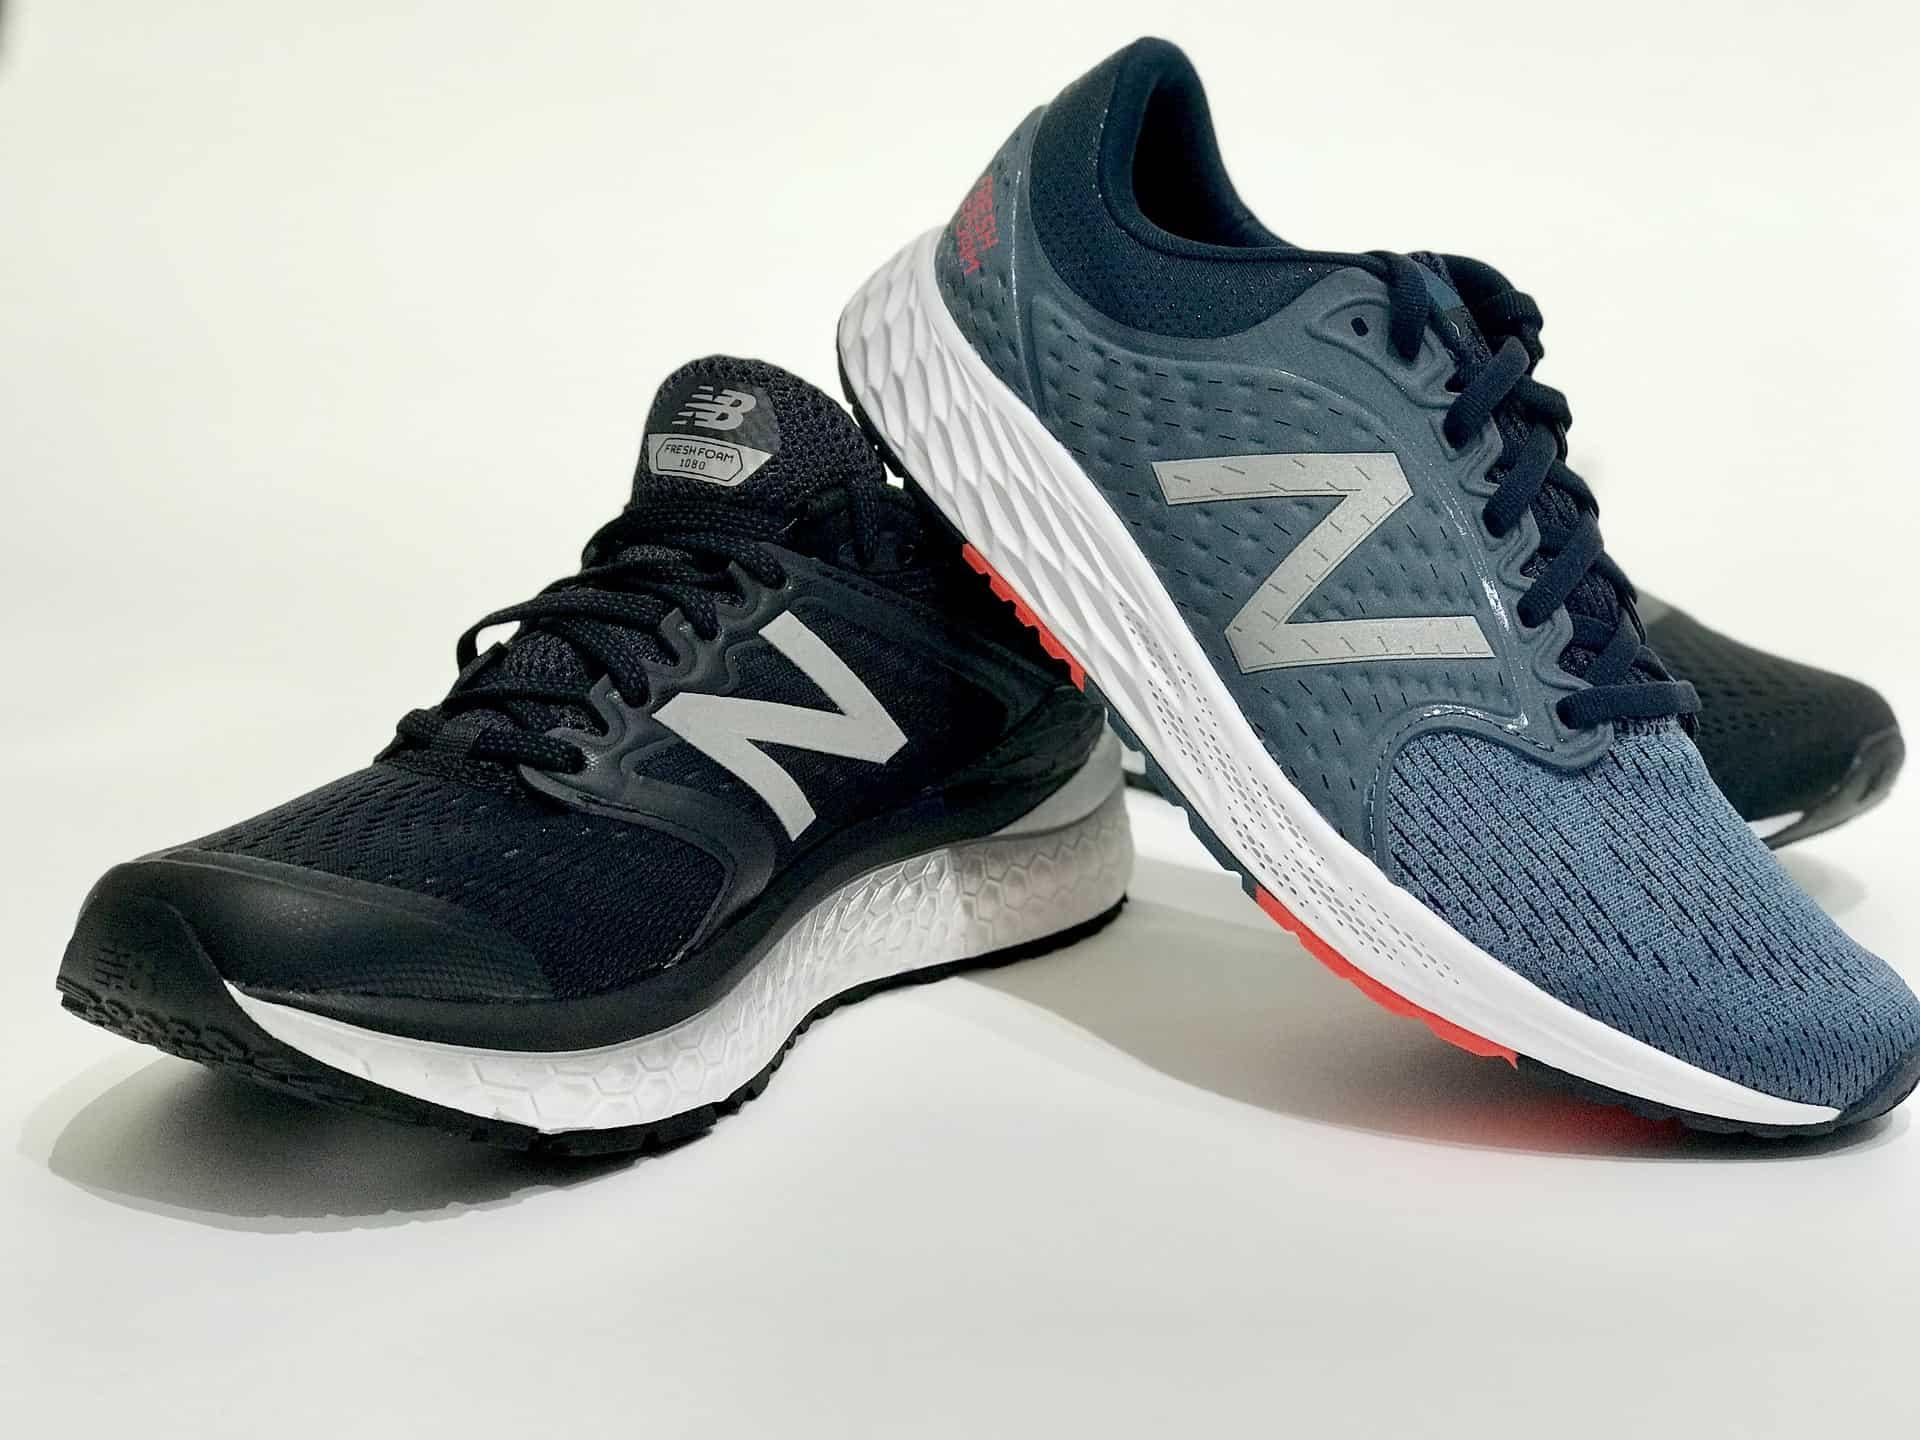 Tênis New Balance: Como escolher o melhor em 2020